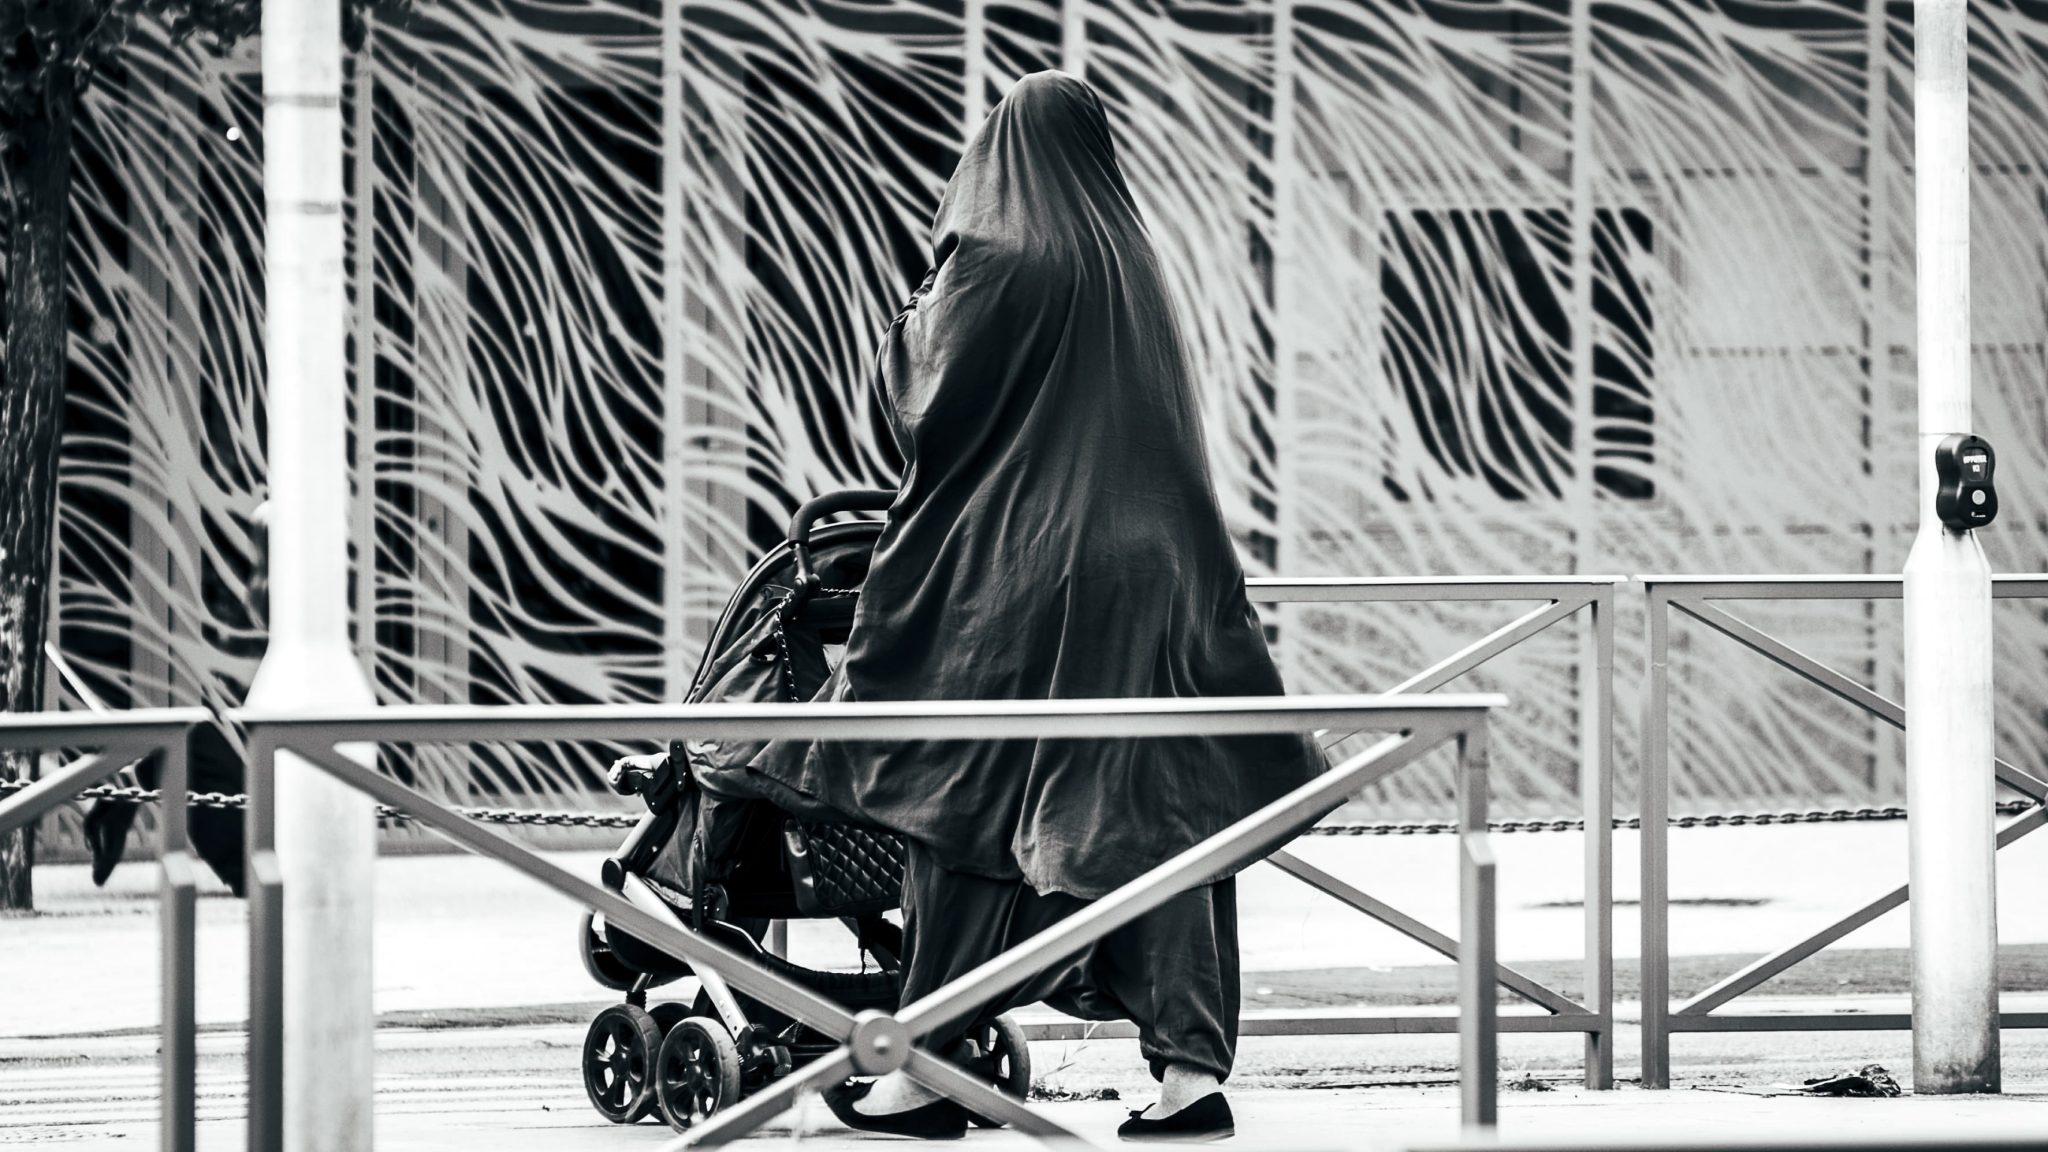 una donna con il velo mentre passeggia per strada con il passeggino